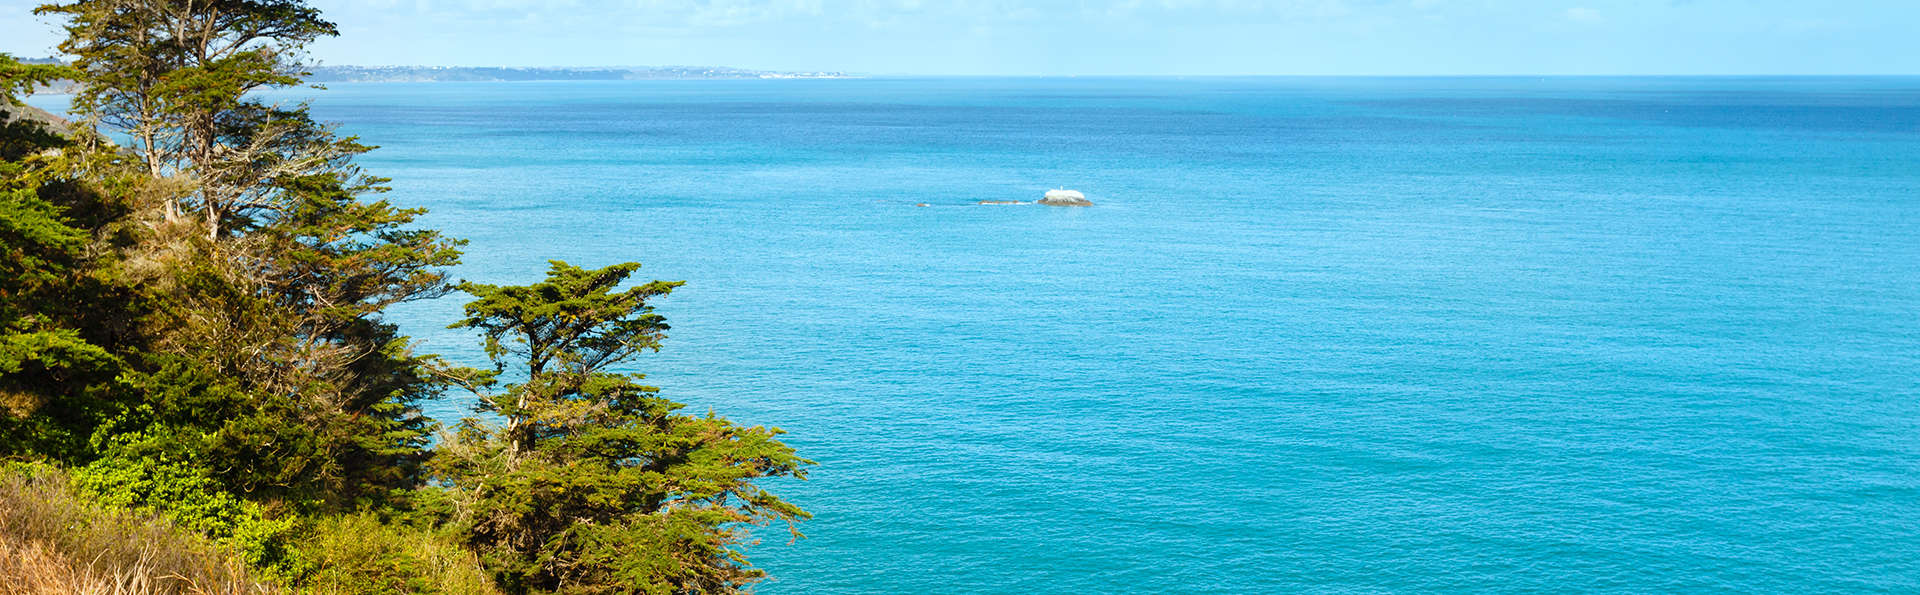 Découvrez la Bretagne et ses plages près de Saint-Brieuc